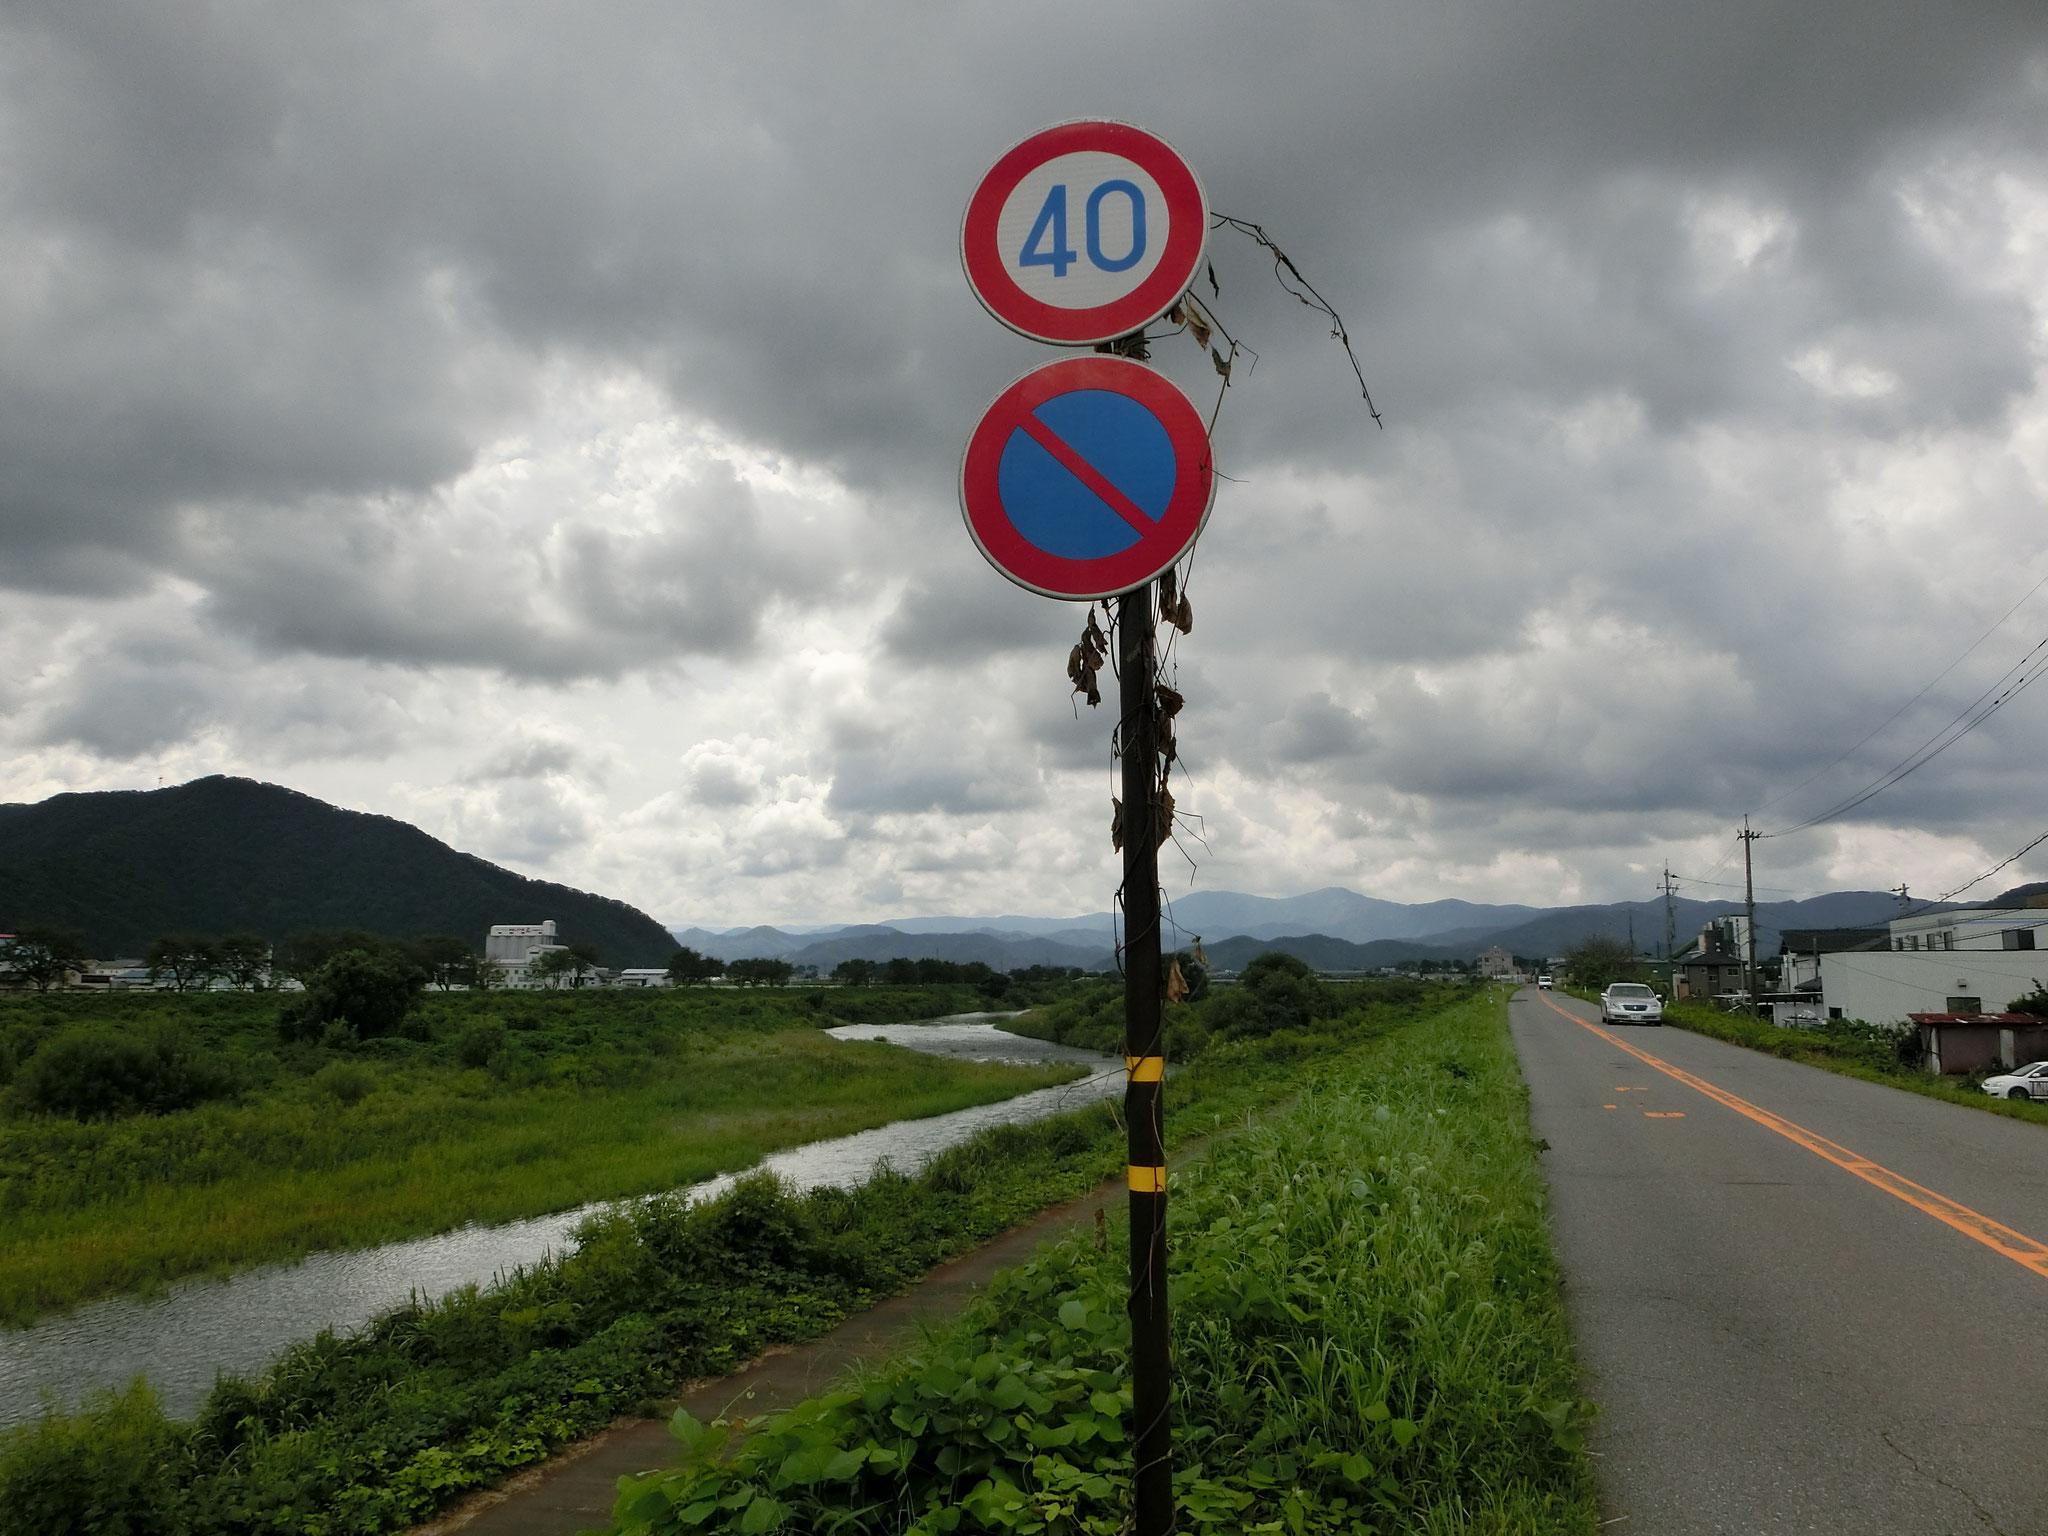 H28.9.14 11時25分 越前市 日野大橋下流